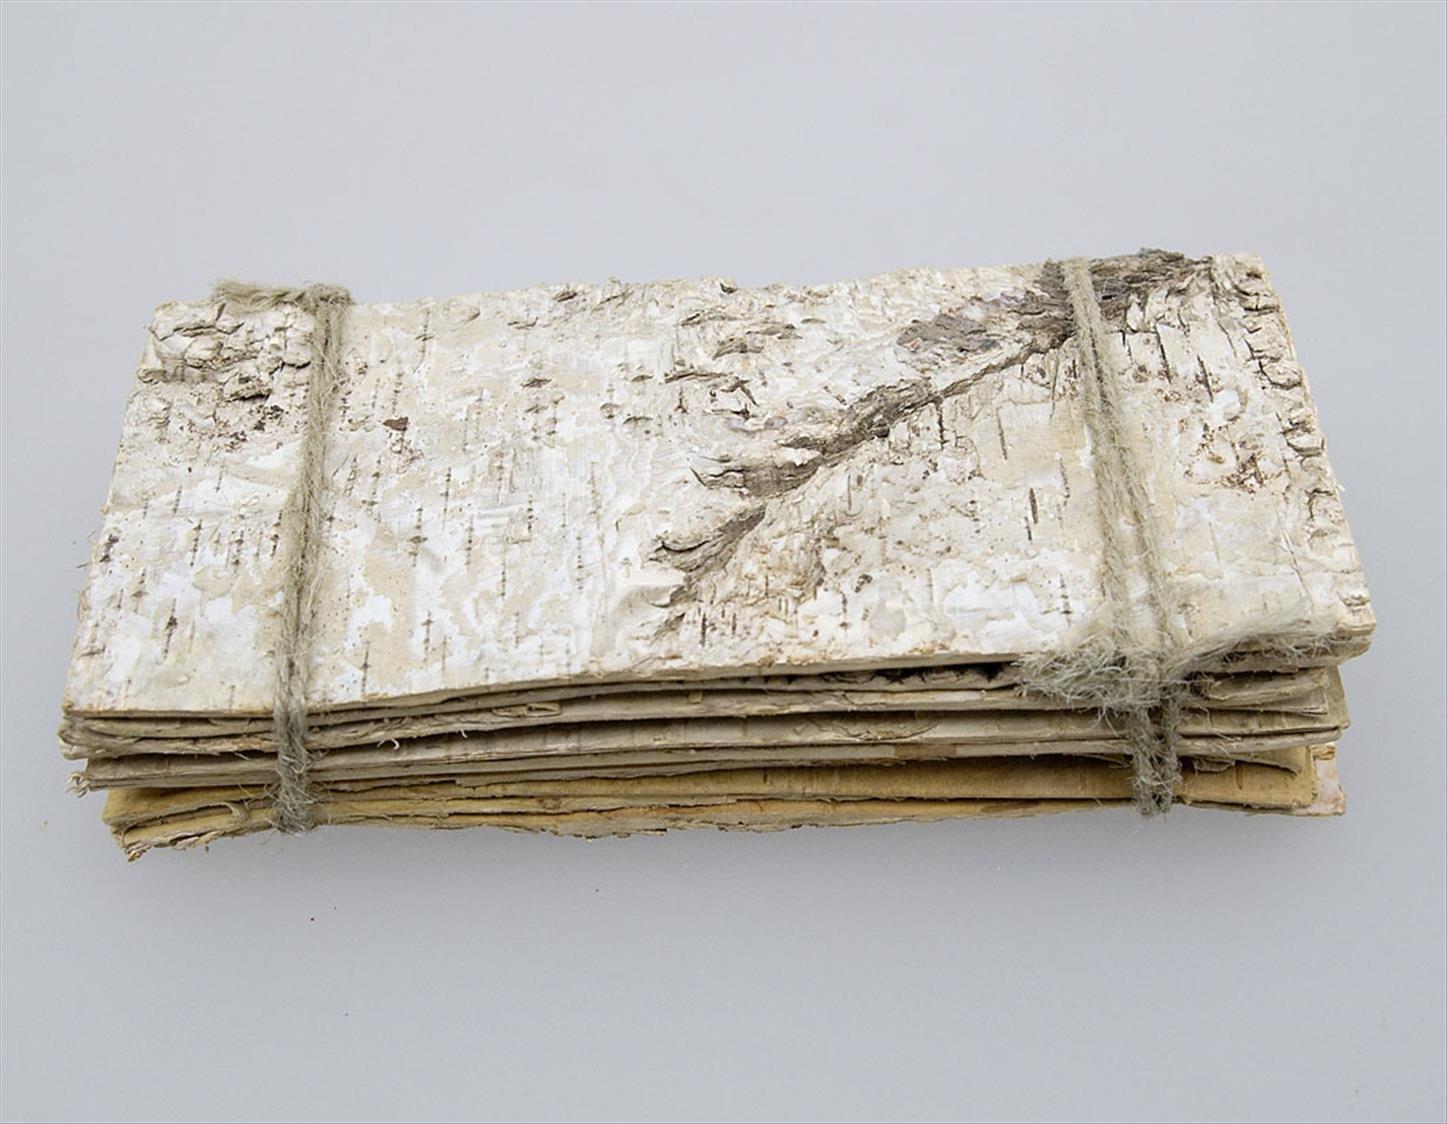 Tischdeko holz rinde  10 Stk Birkenplatten 19x9cm Holz Birkenrinde Deko Birkerinde ...